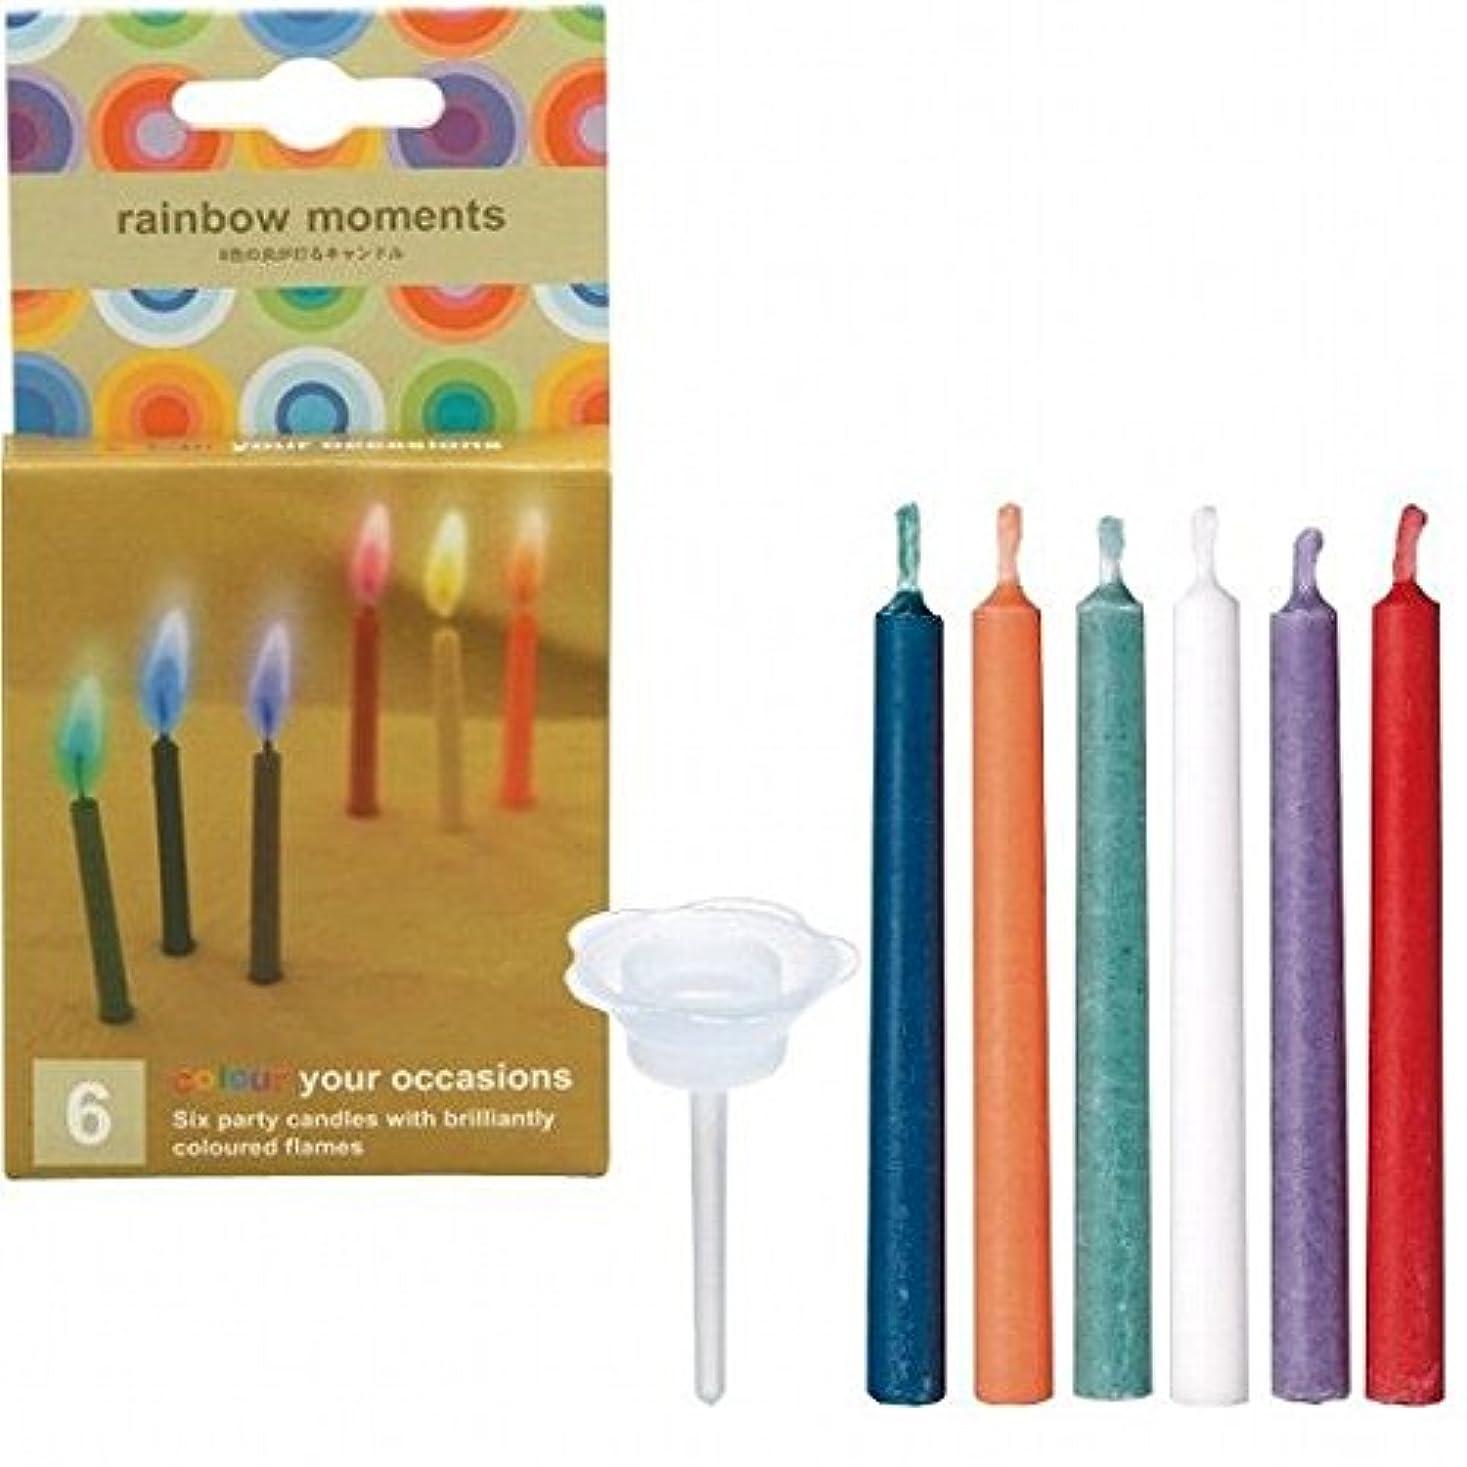 遅いインク発明するkameyama candle(カメヤマキャンドル) rainbowmoments(レインボーモーメント)6色6本入り 「 6本入り 」 キャンドル(56050000)